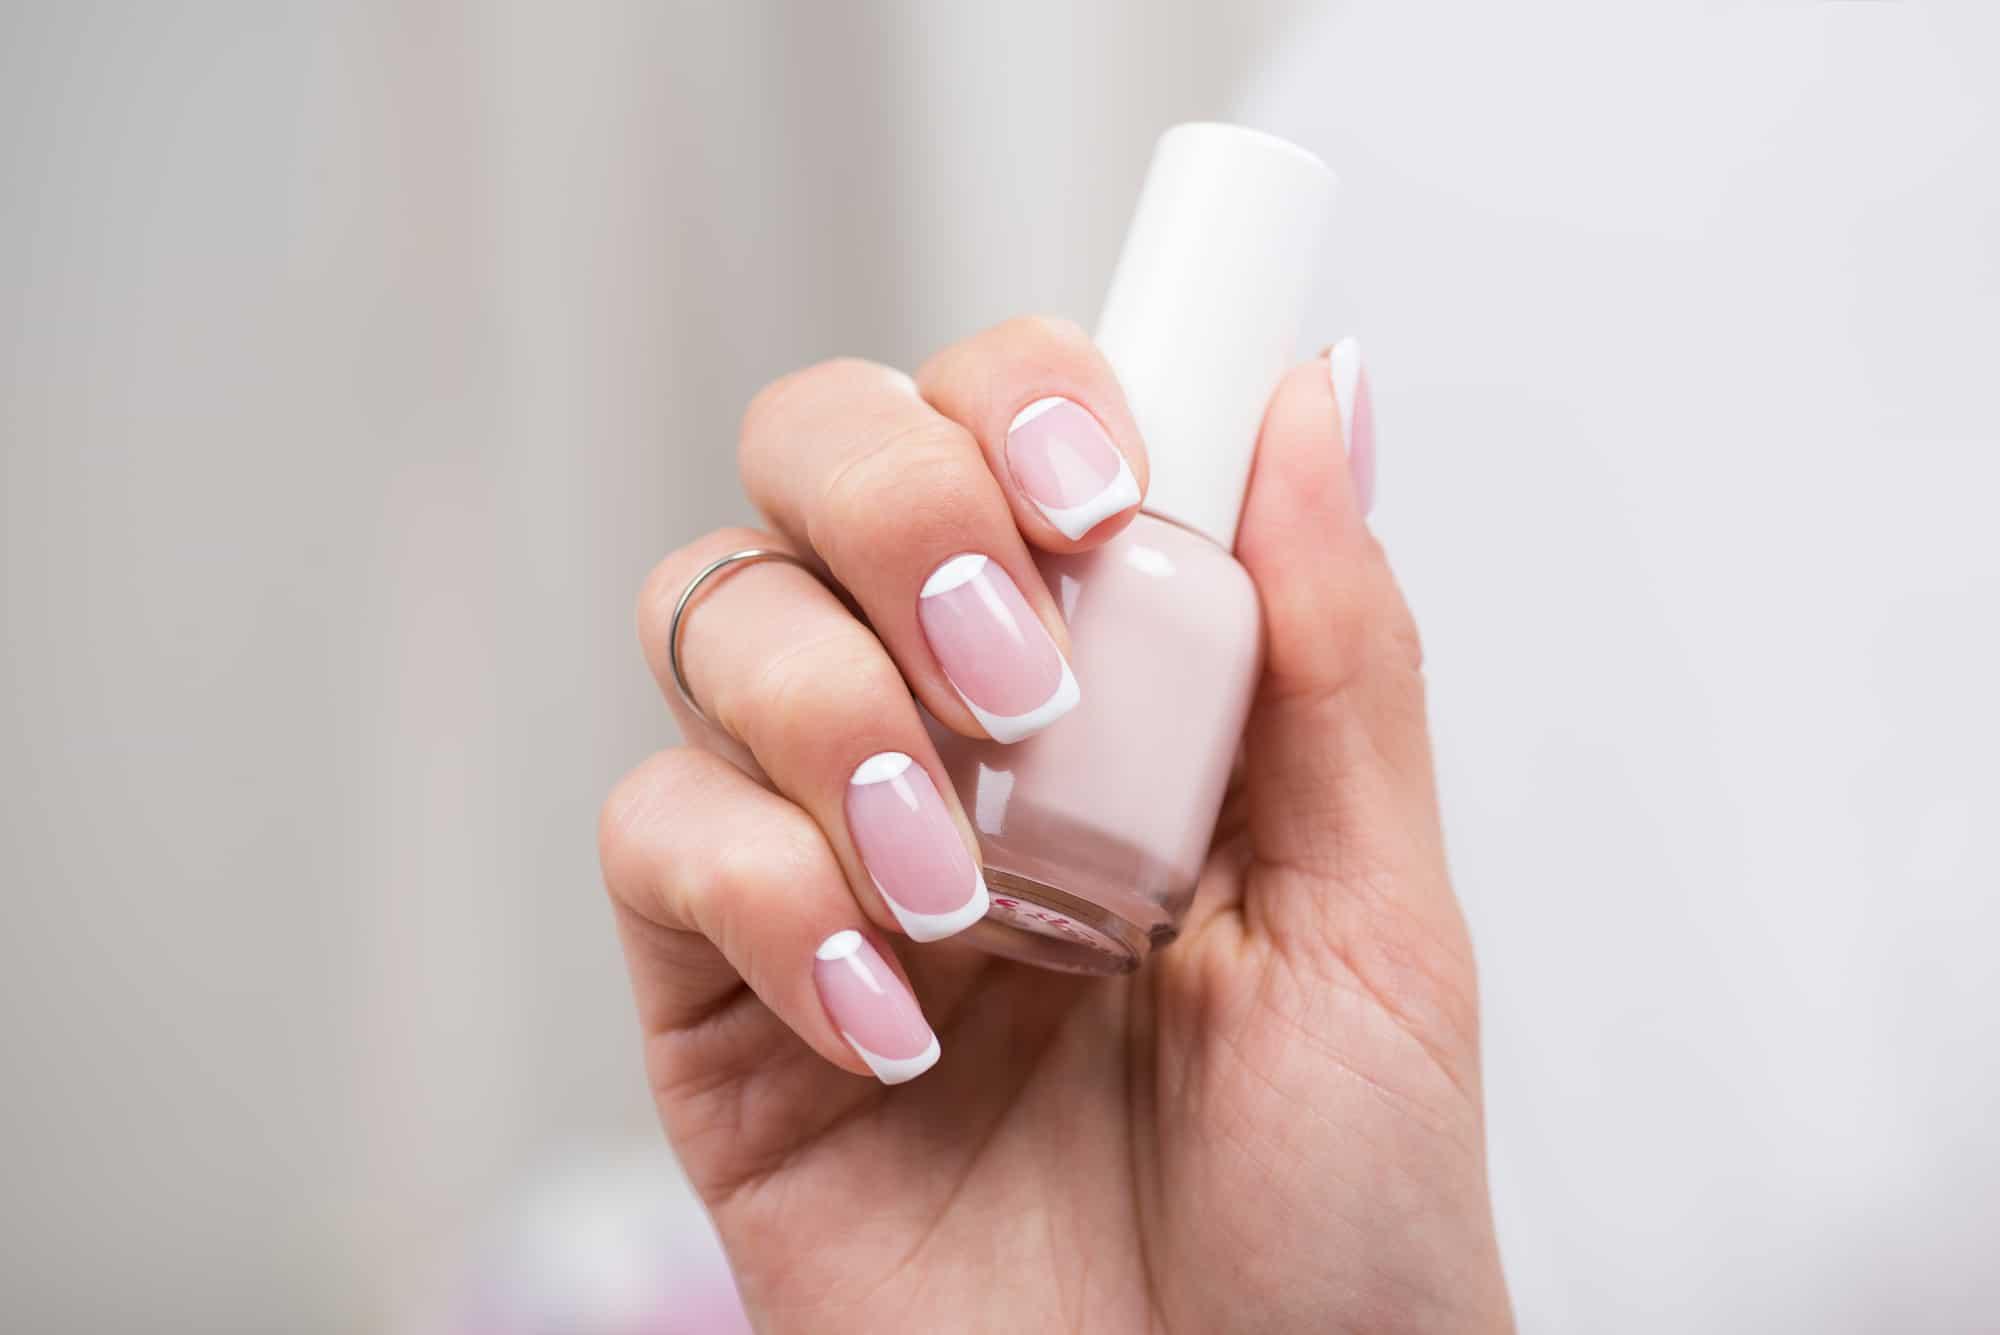 woman wearing 9 free french manicure nontoxic nail polish